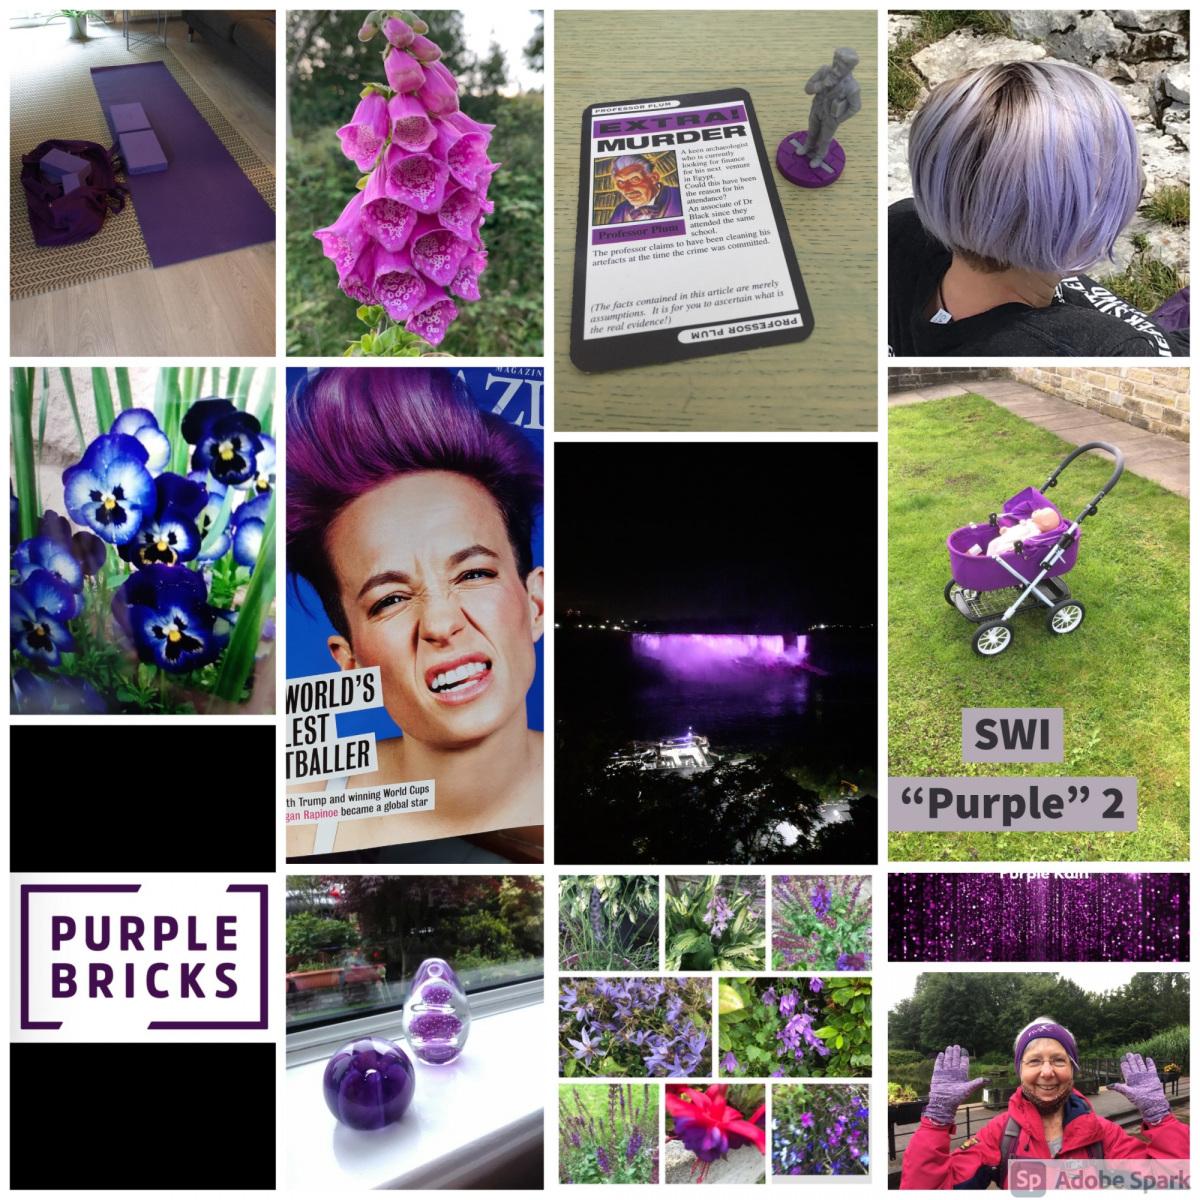 SWI-Purple-2